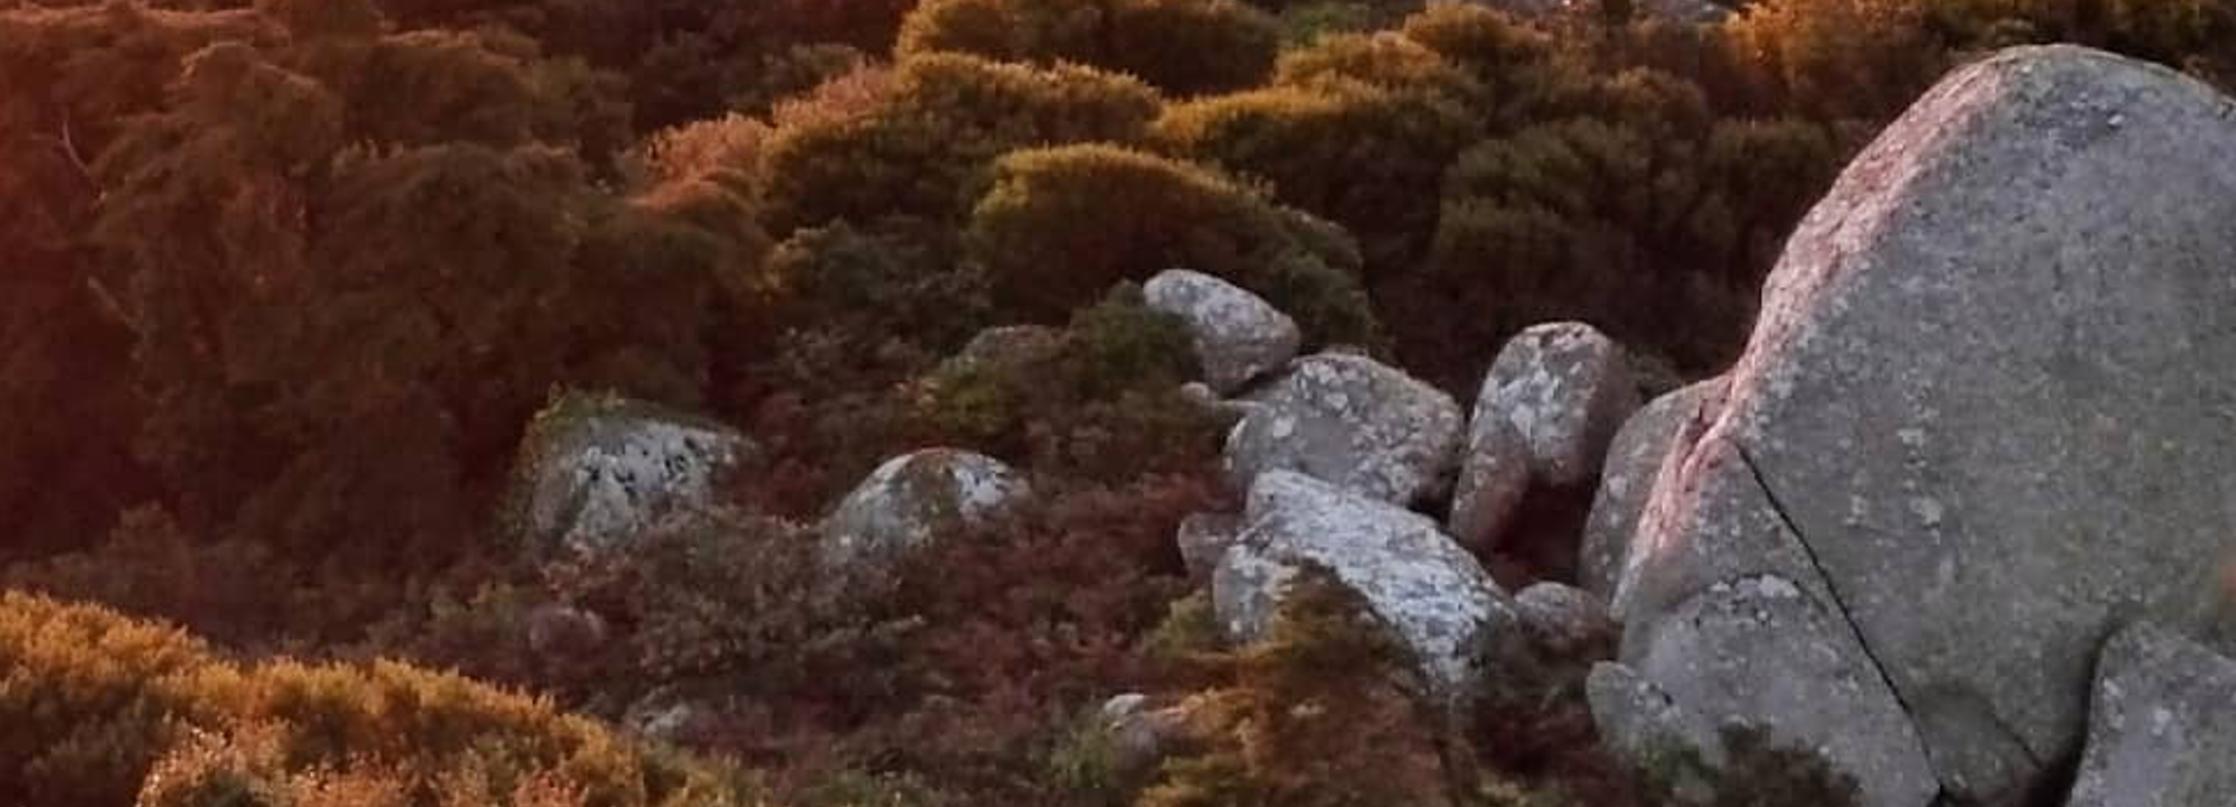 Passeio Privado pela Noite: Montanhas de Sintra Inbetween Wolves